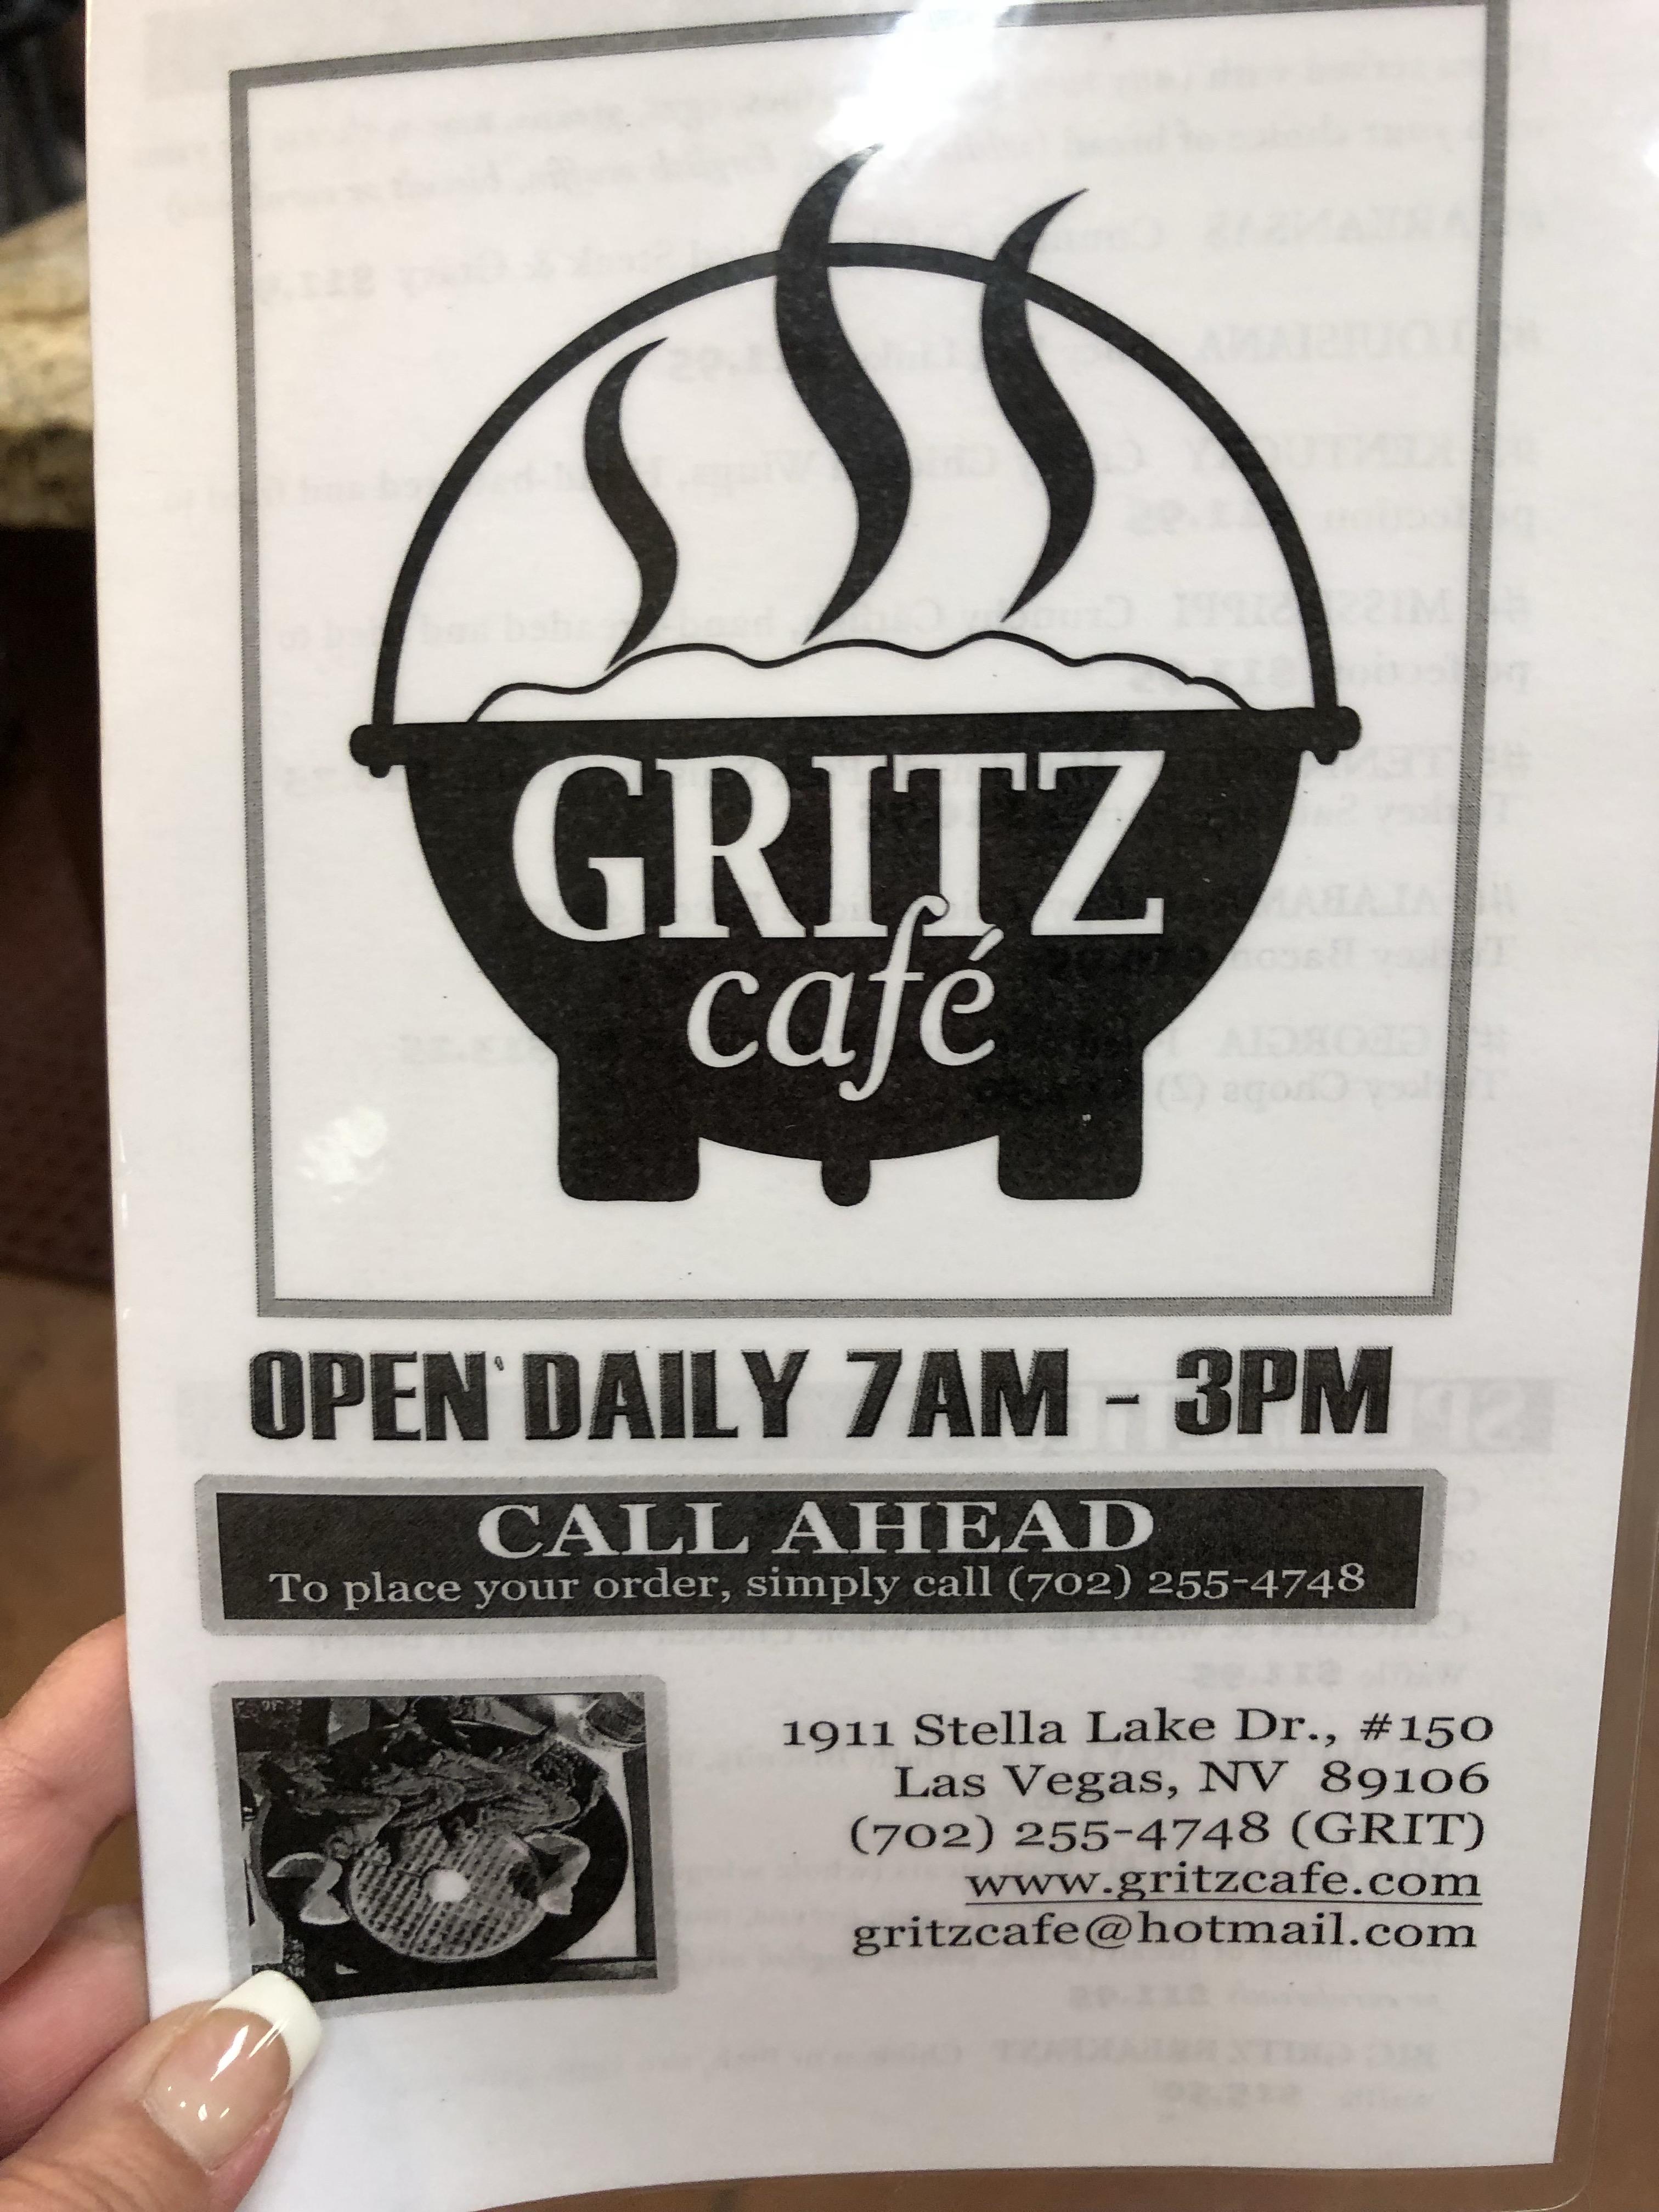 Las Vegas Gritz Caf 233 Gritzcafe You Can Call Me Mochelle